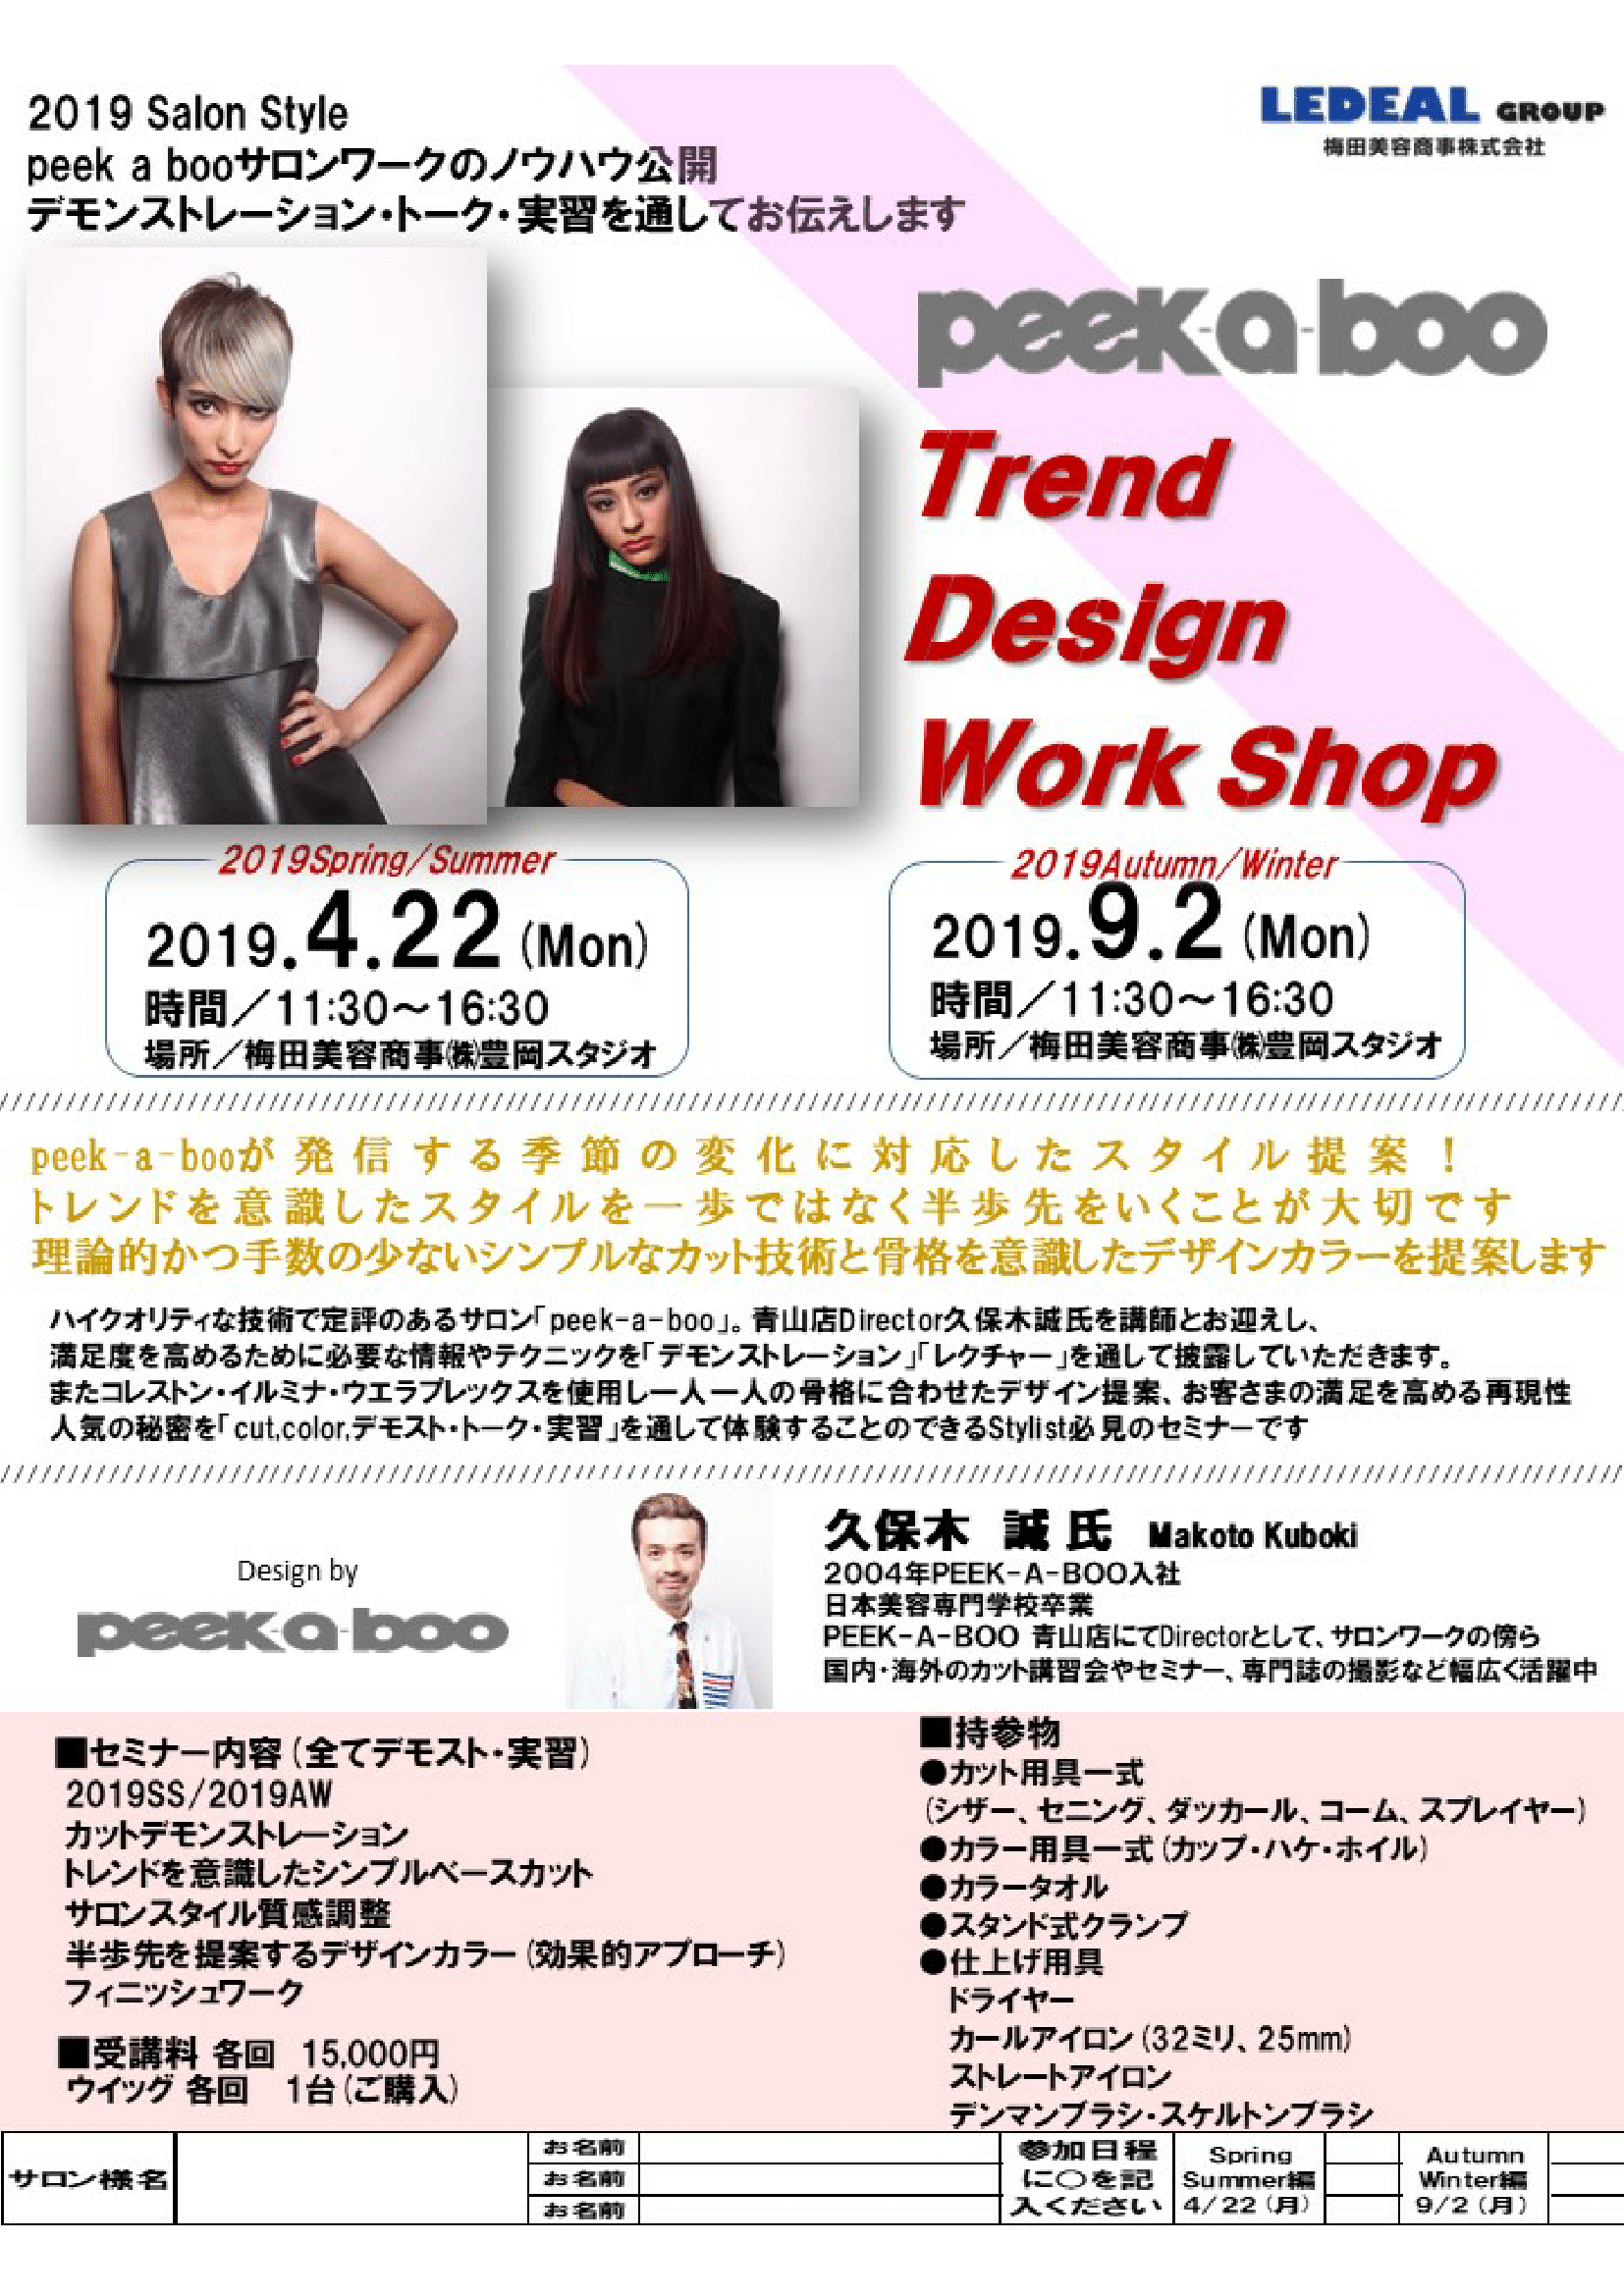 【豊岡】peek-a-booトレンドデザインワークショップ